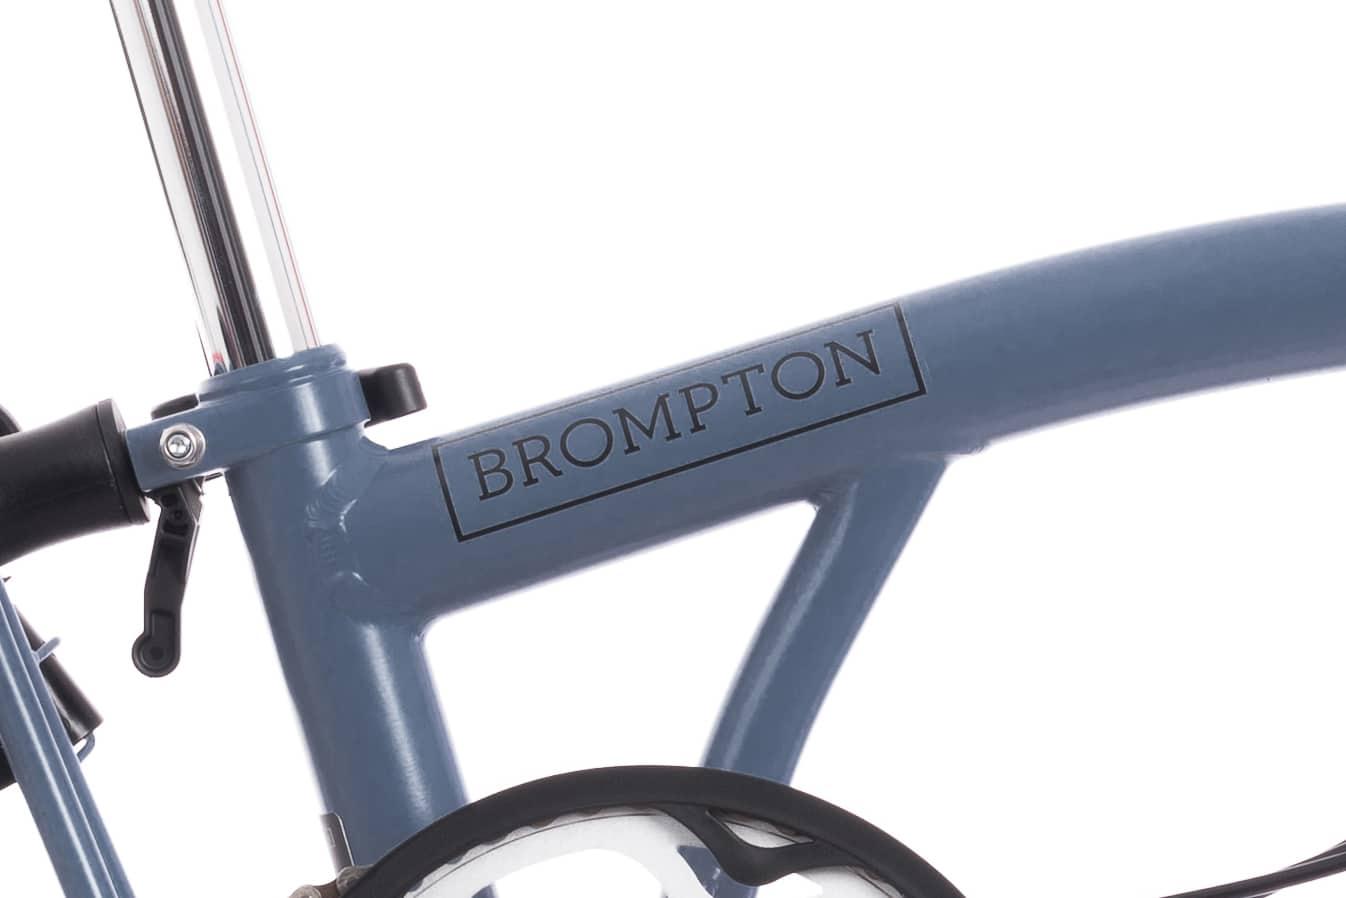 Brompton M6L Dynamo